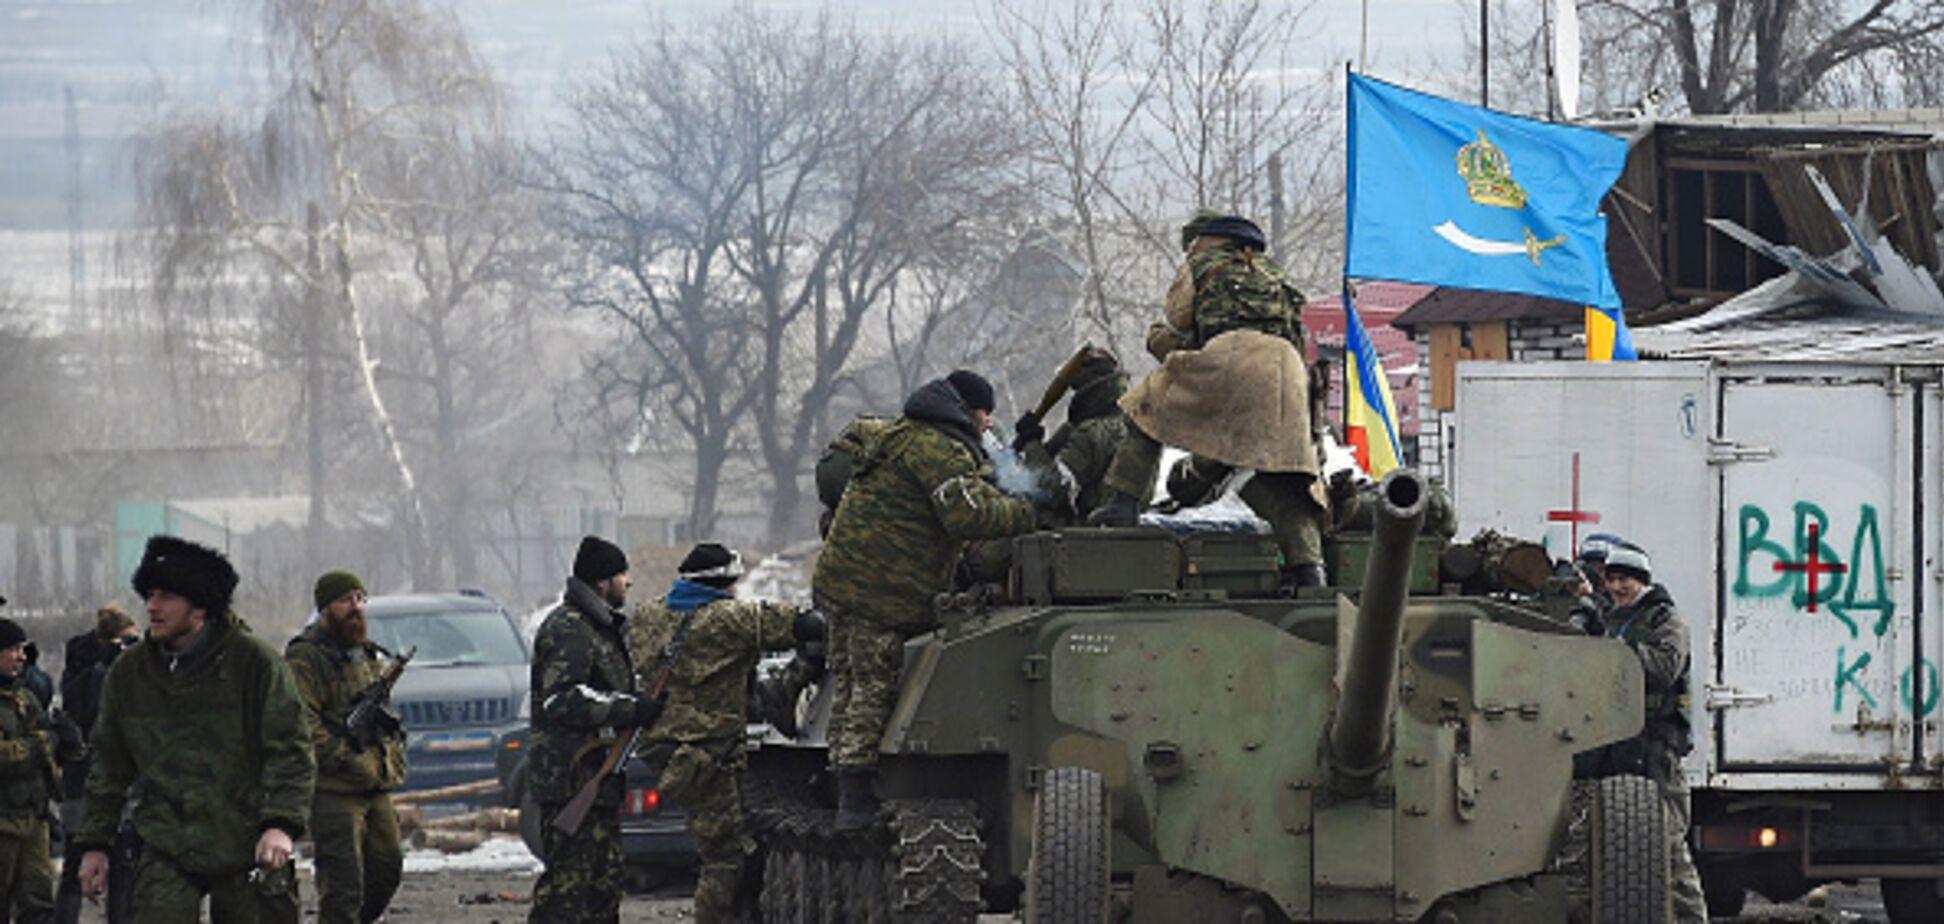 Украина готова к компромиссу: 'ДНР' предложили вернуть Дебальцево